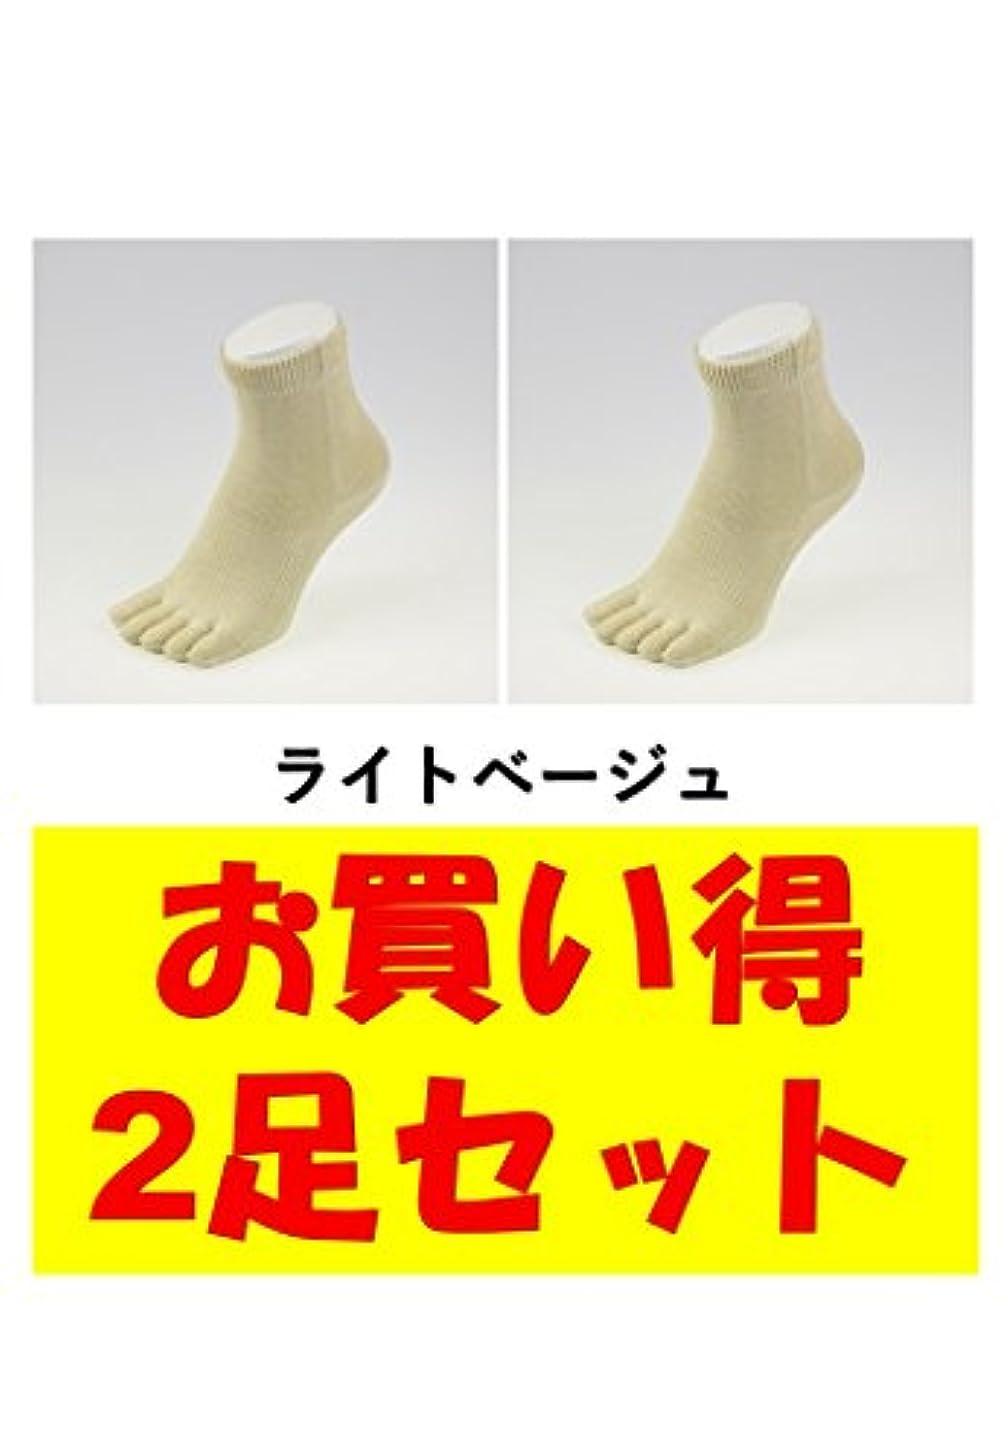 災難骨折配管お買い得2足セット 5本指 ゆびのばソックス Neo EVE(イヴ) ライトベージュ Sサイズ(21.0cm - 24.0cm) YSNEVE-BGE